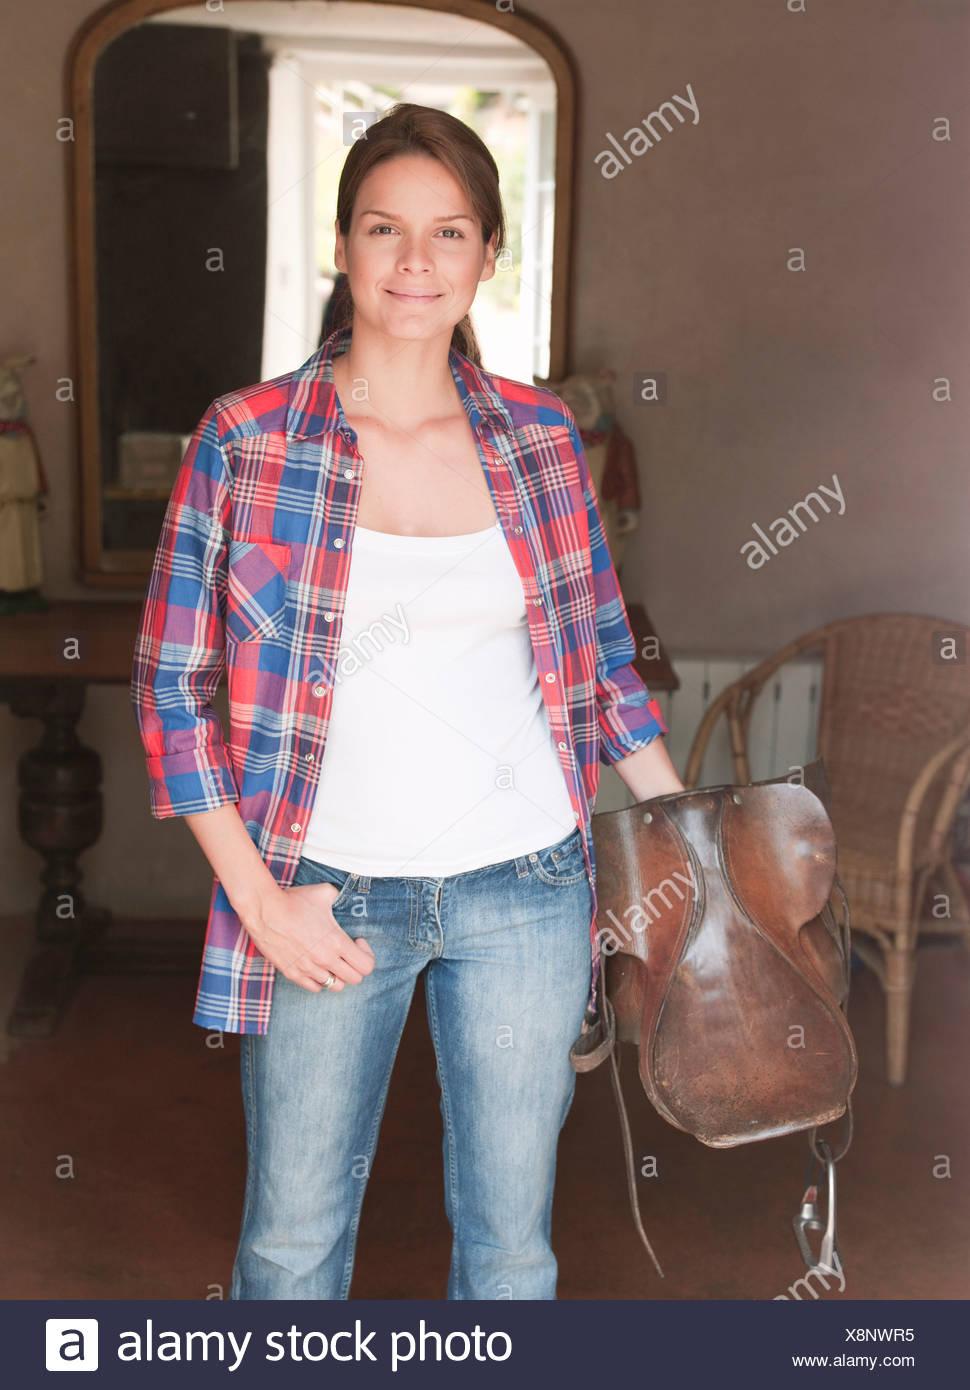 Frau in der Tür, lächelnd mit Sattel Stockbild